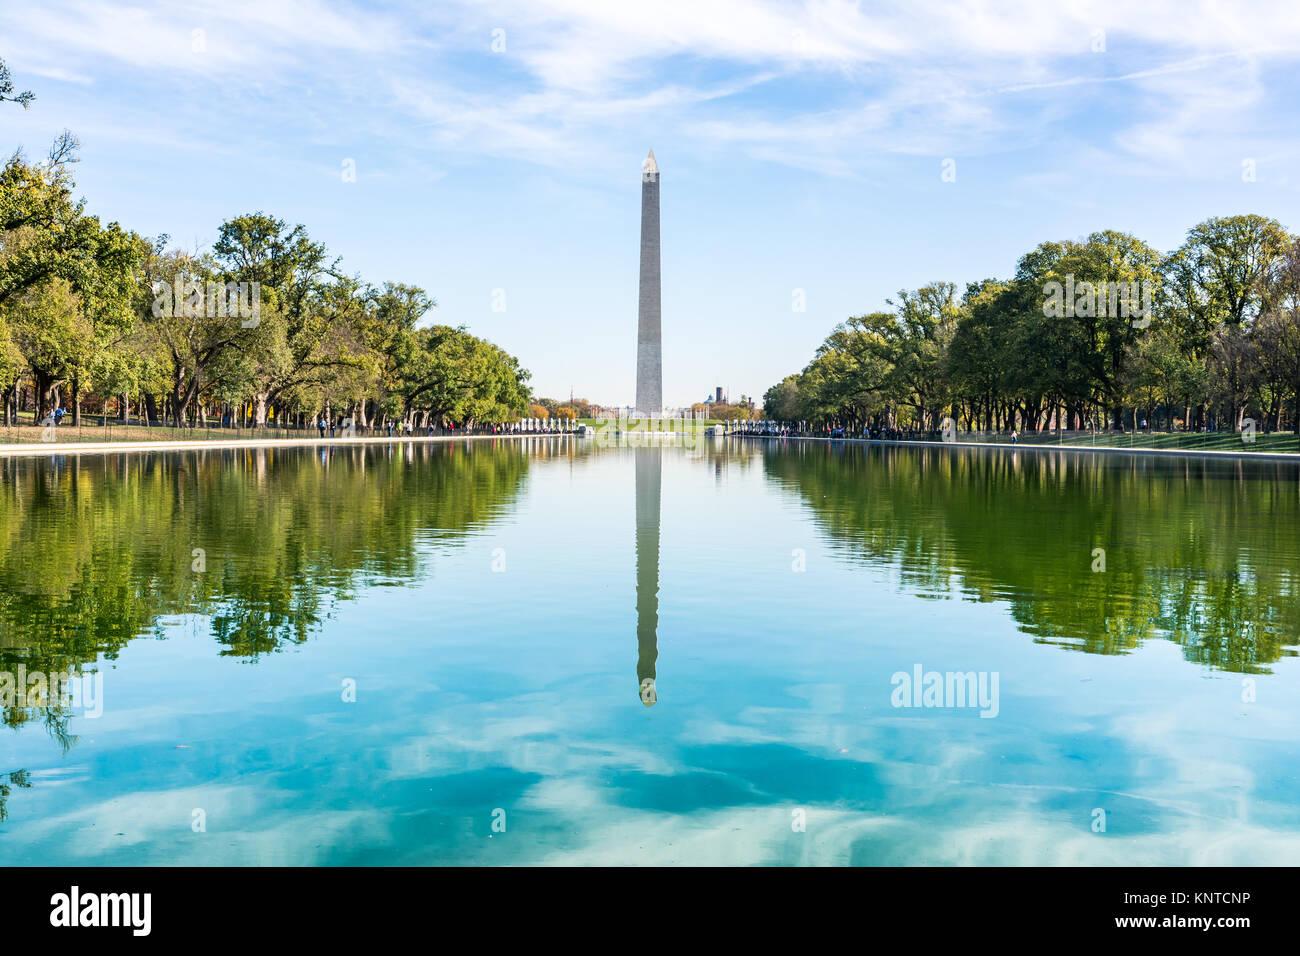 Washington Monument Distrikt von Columbia USA einen reflektierenden Pool Blue Sky tagsüber Wahrzeichen Stockbild